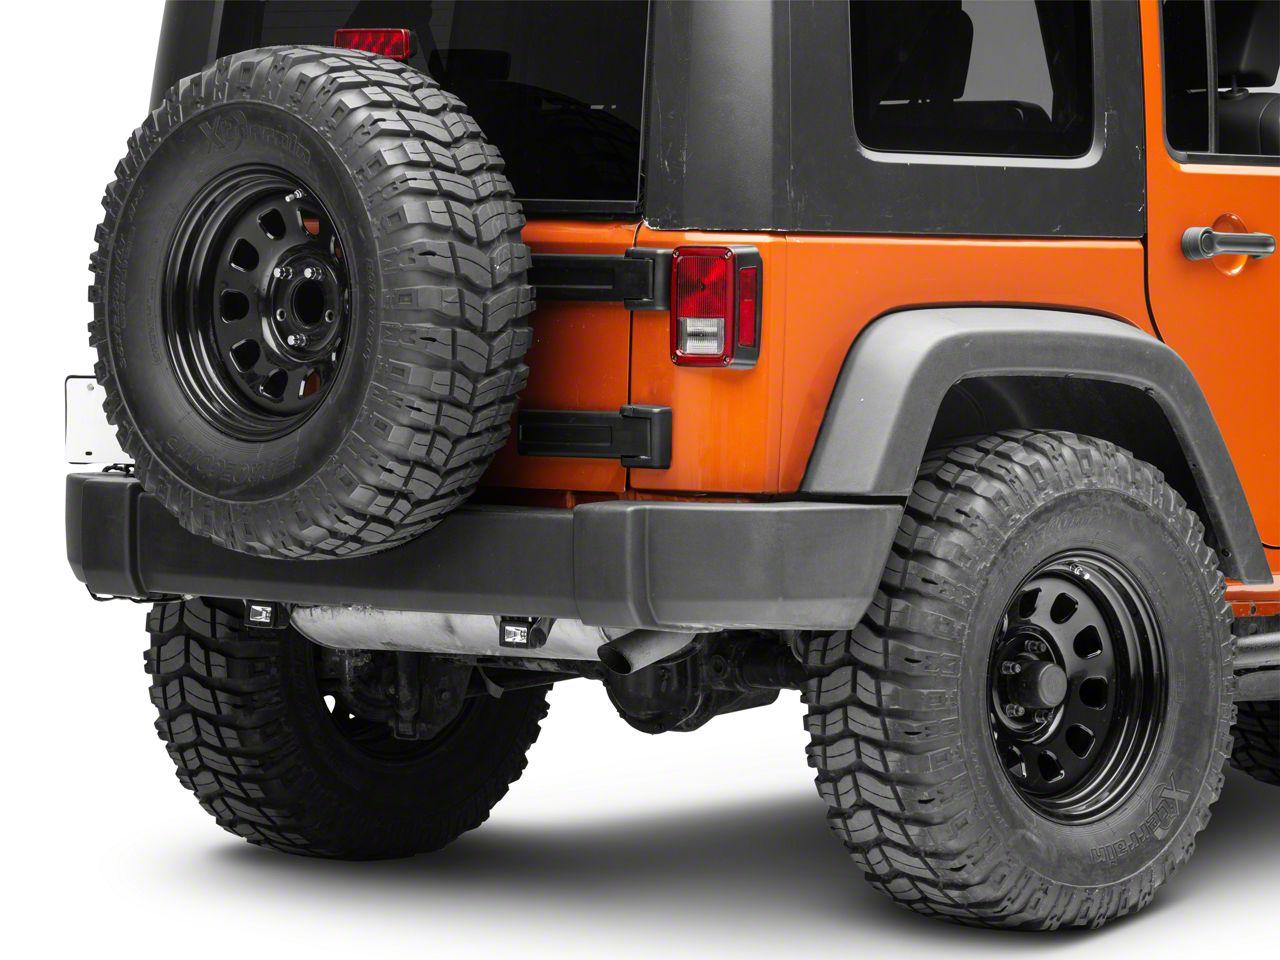 KC HiLiTES C-Series C2 Backup Flood Lights - Pair (87-19 Jeep Wrangler YJ, TJ, JK & JL)